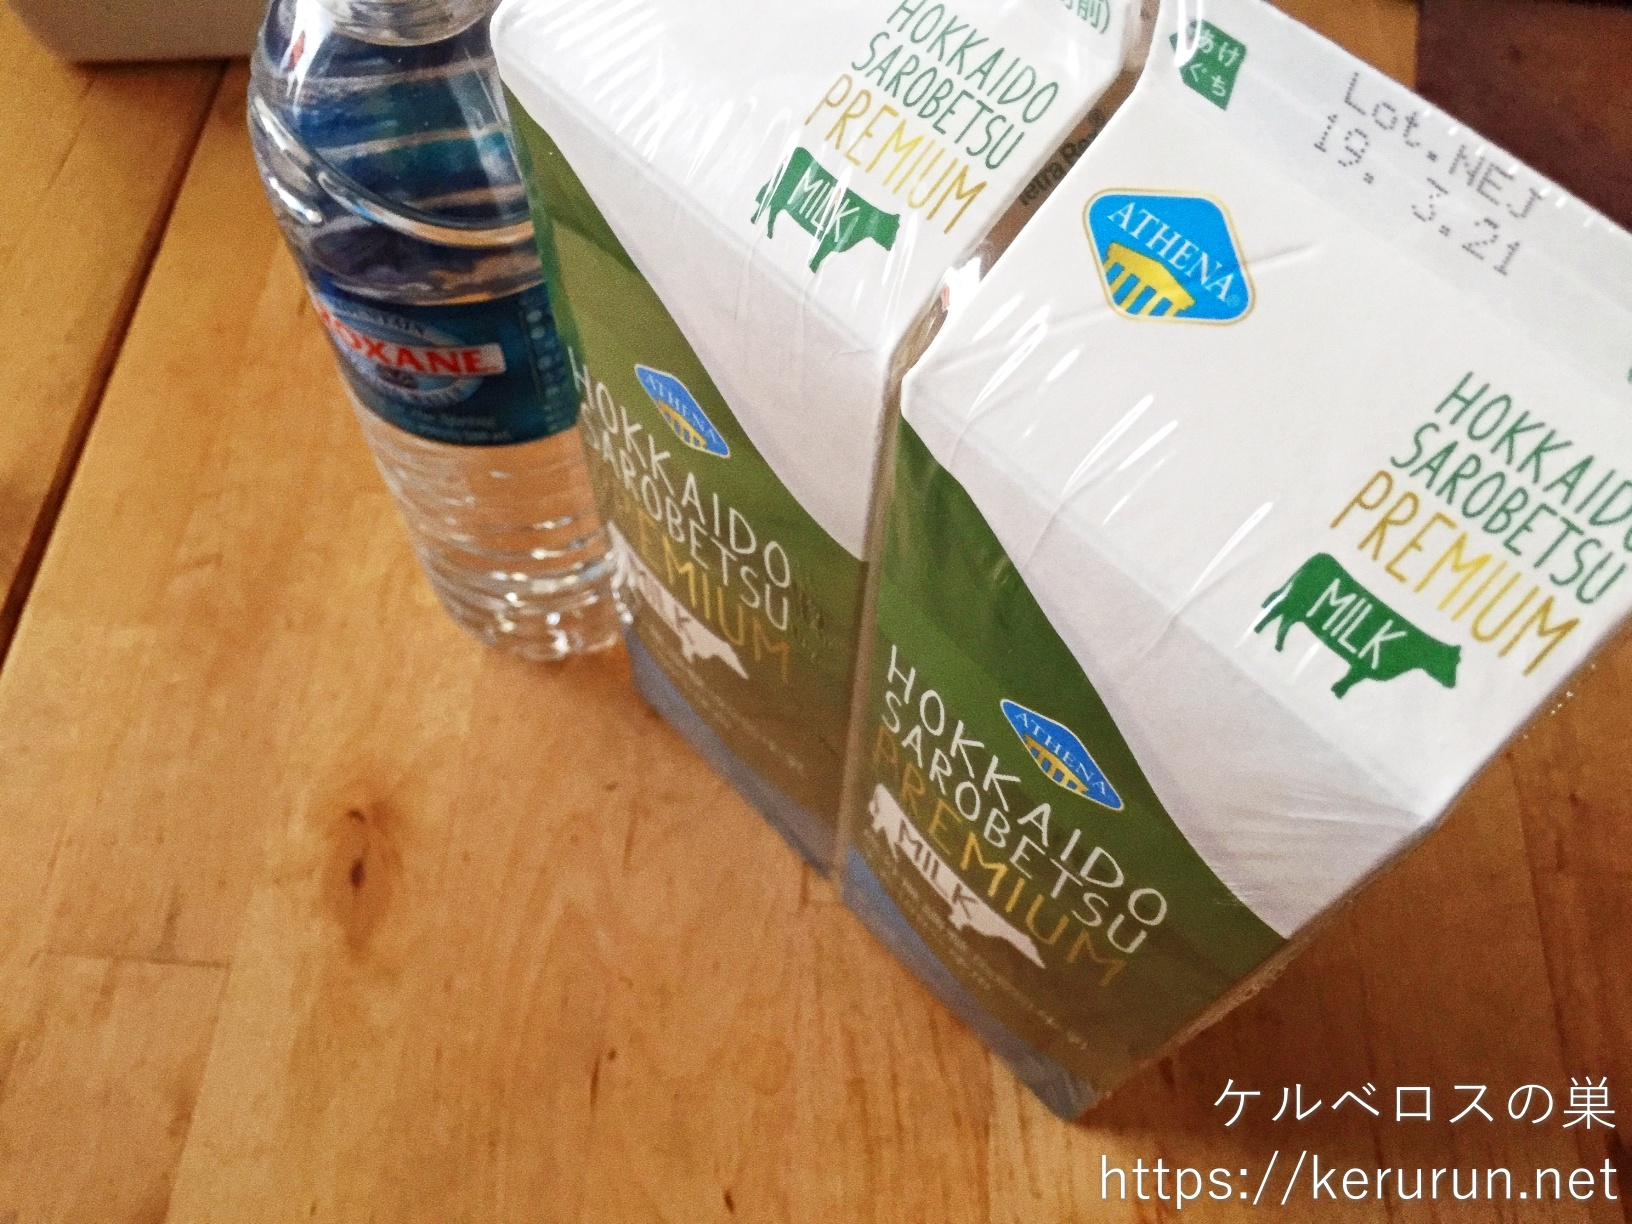 【コストコ】ATHENA 北海道サロベツプレミアムミルク(牛乳)